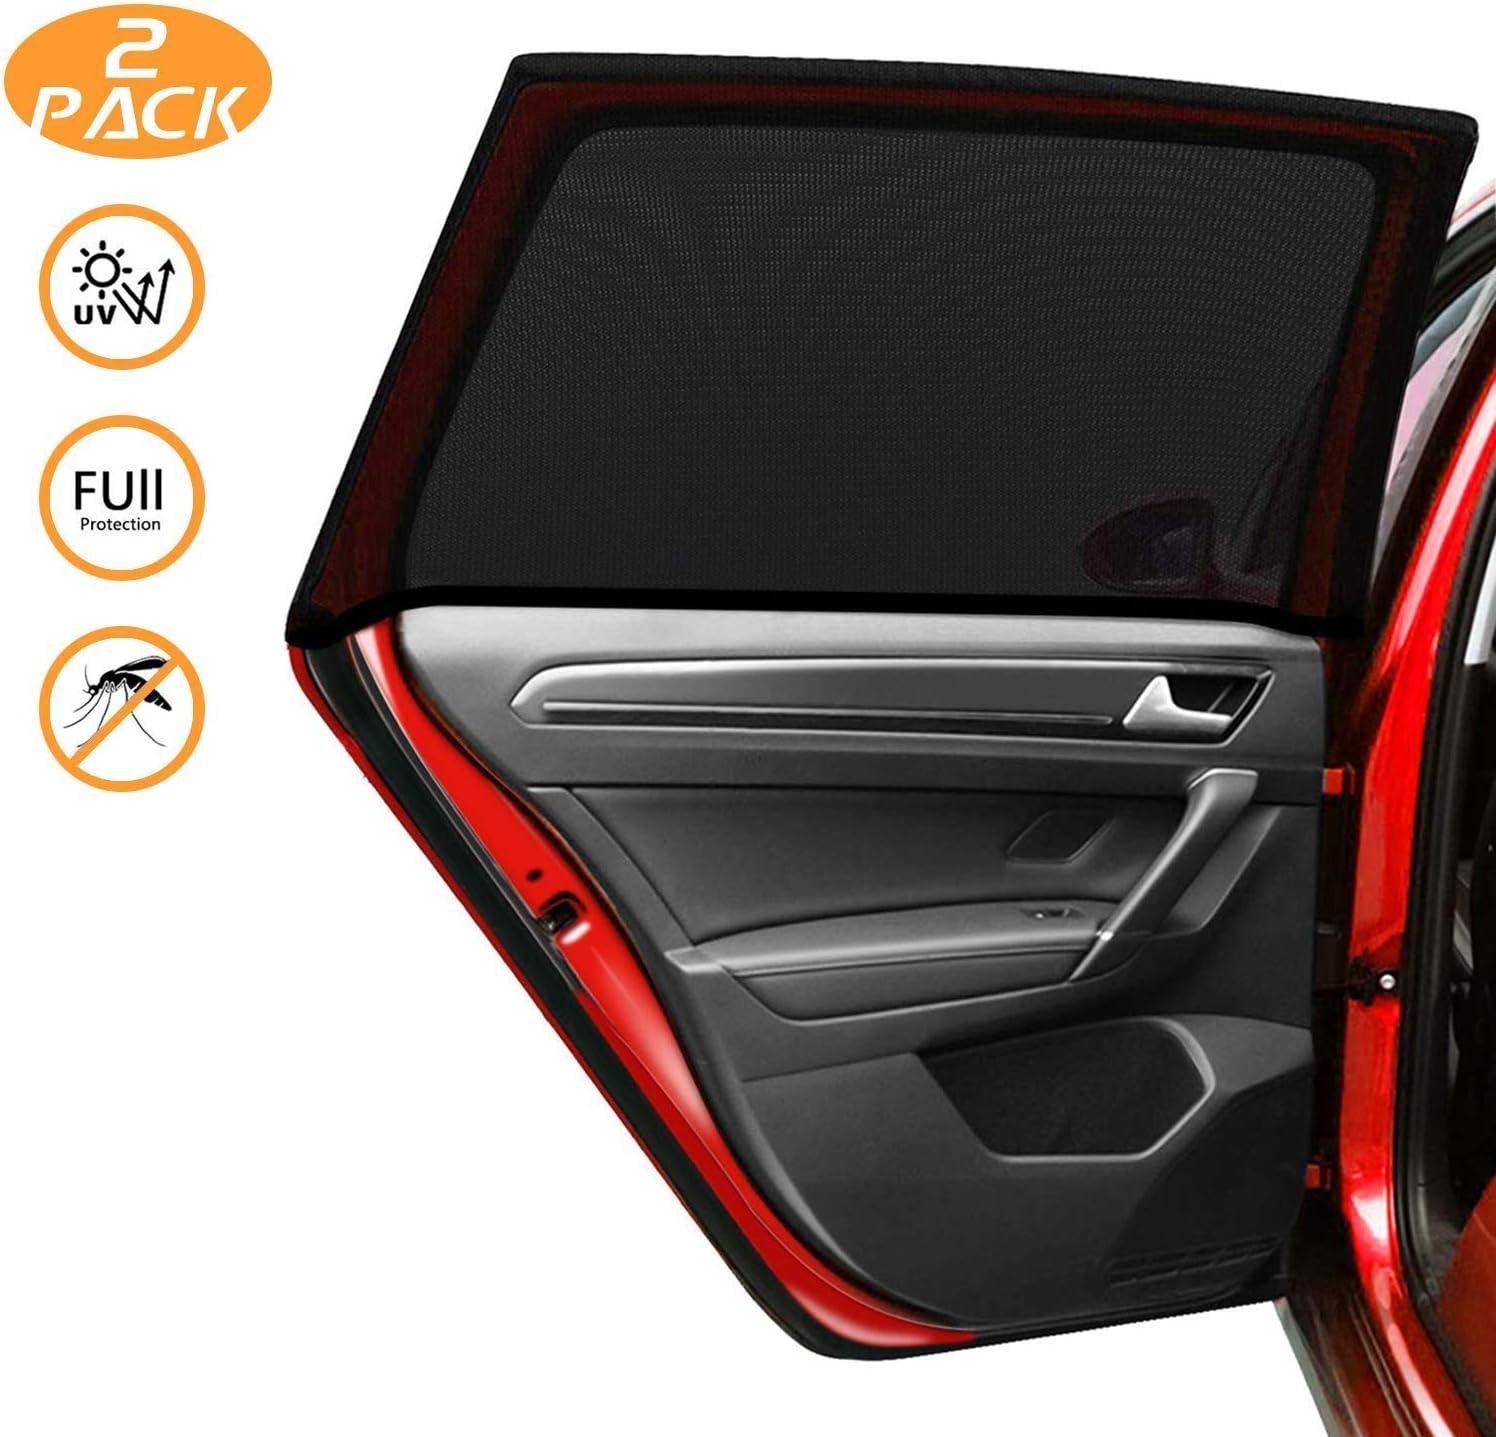 Kuyang Auto Sonnenschutz 2 Stück Doppelseitiges Uv Schutz Autofenster Sonnenschutz Reduziert Wärme Und Uv Strahlung Einfache Installation Auto